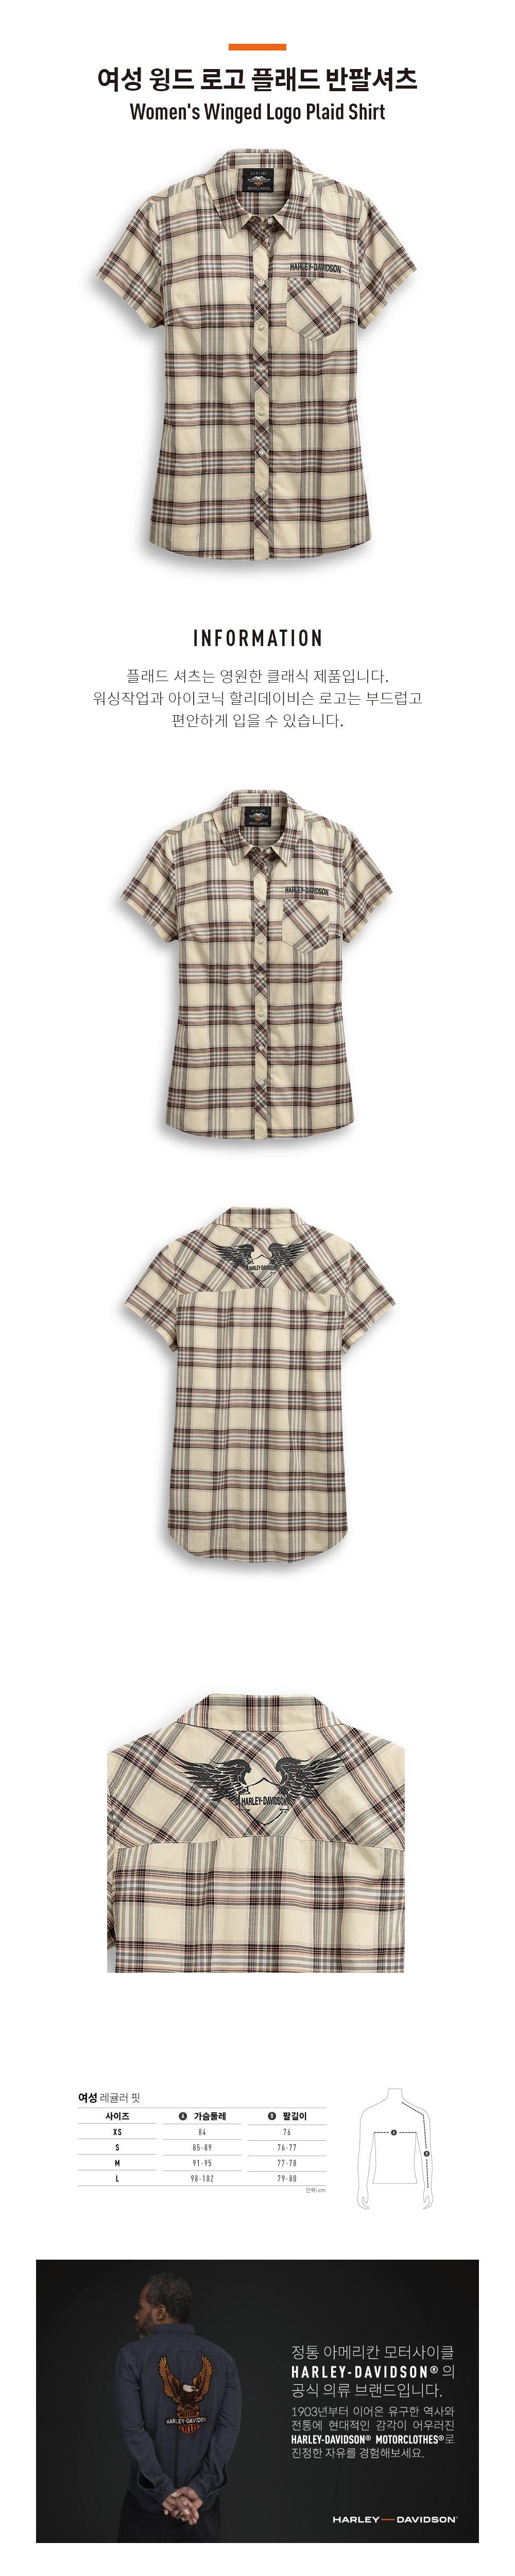 여성 윙드 로고 플래드 반팔셔츠